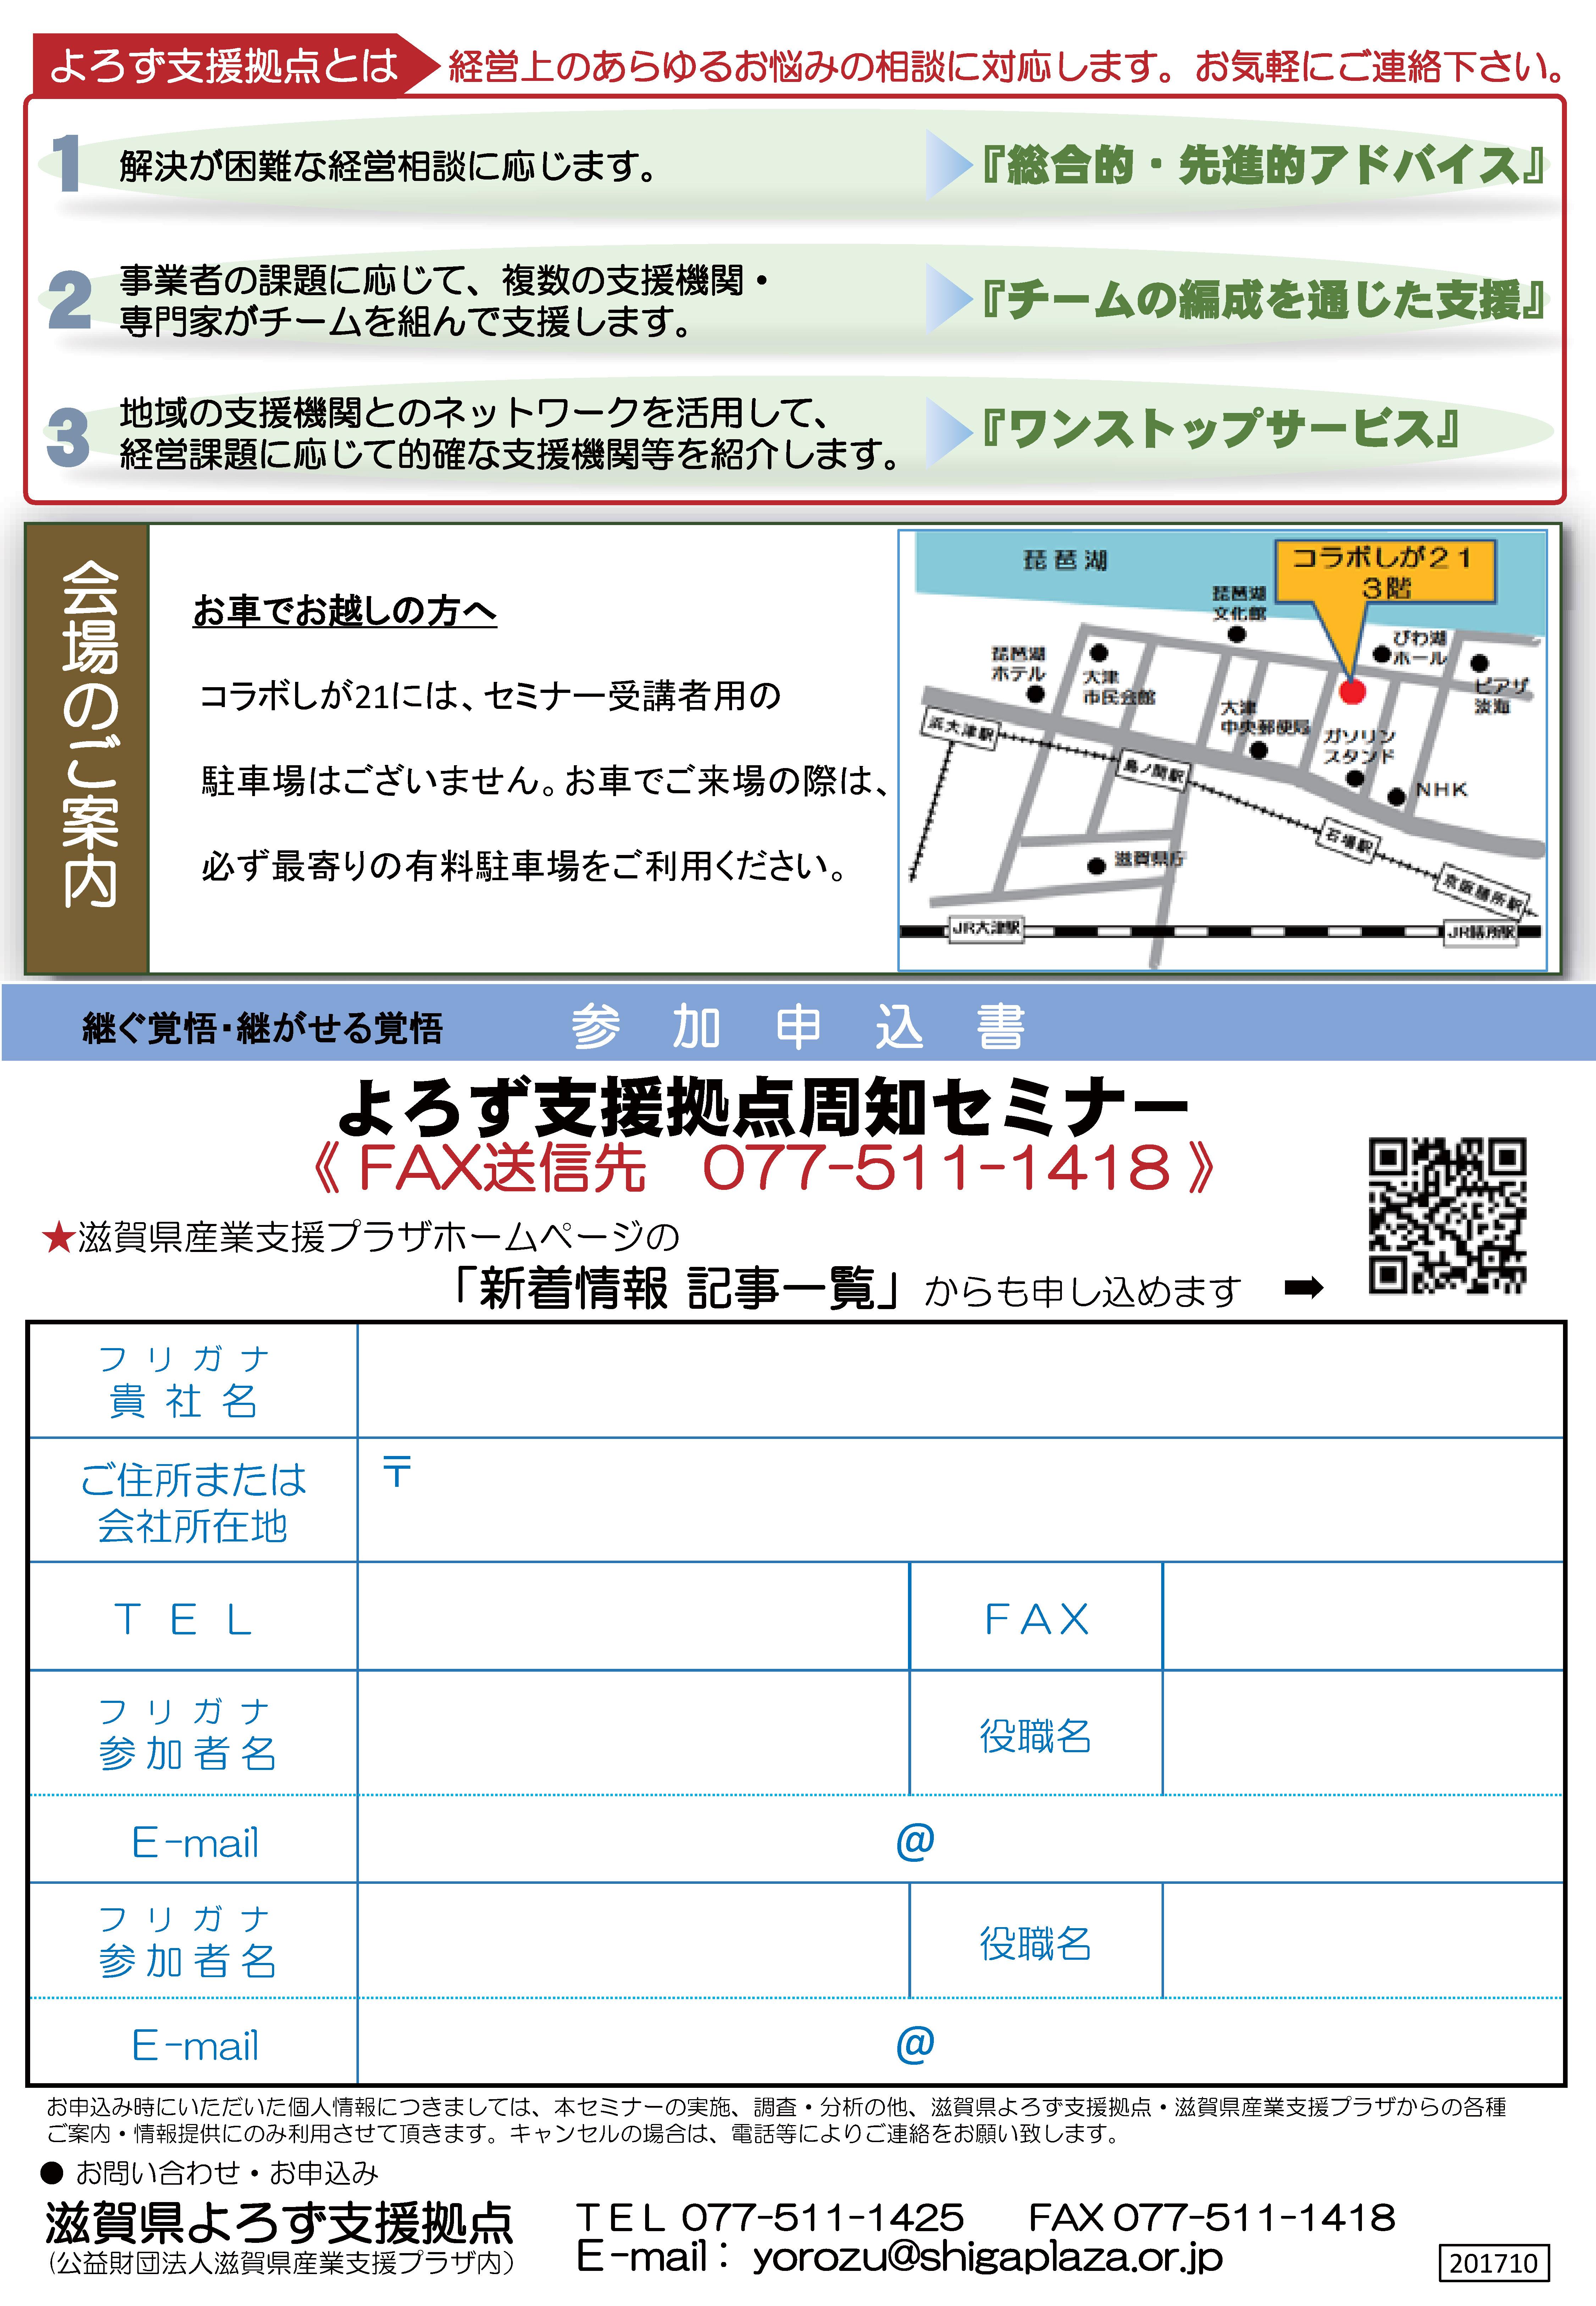 yorozu-chirashi1129_ページ_2